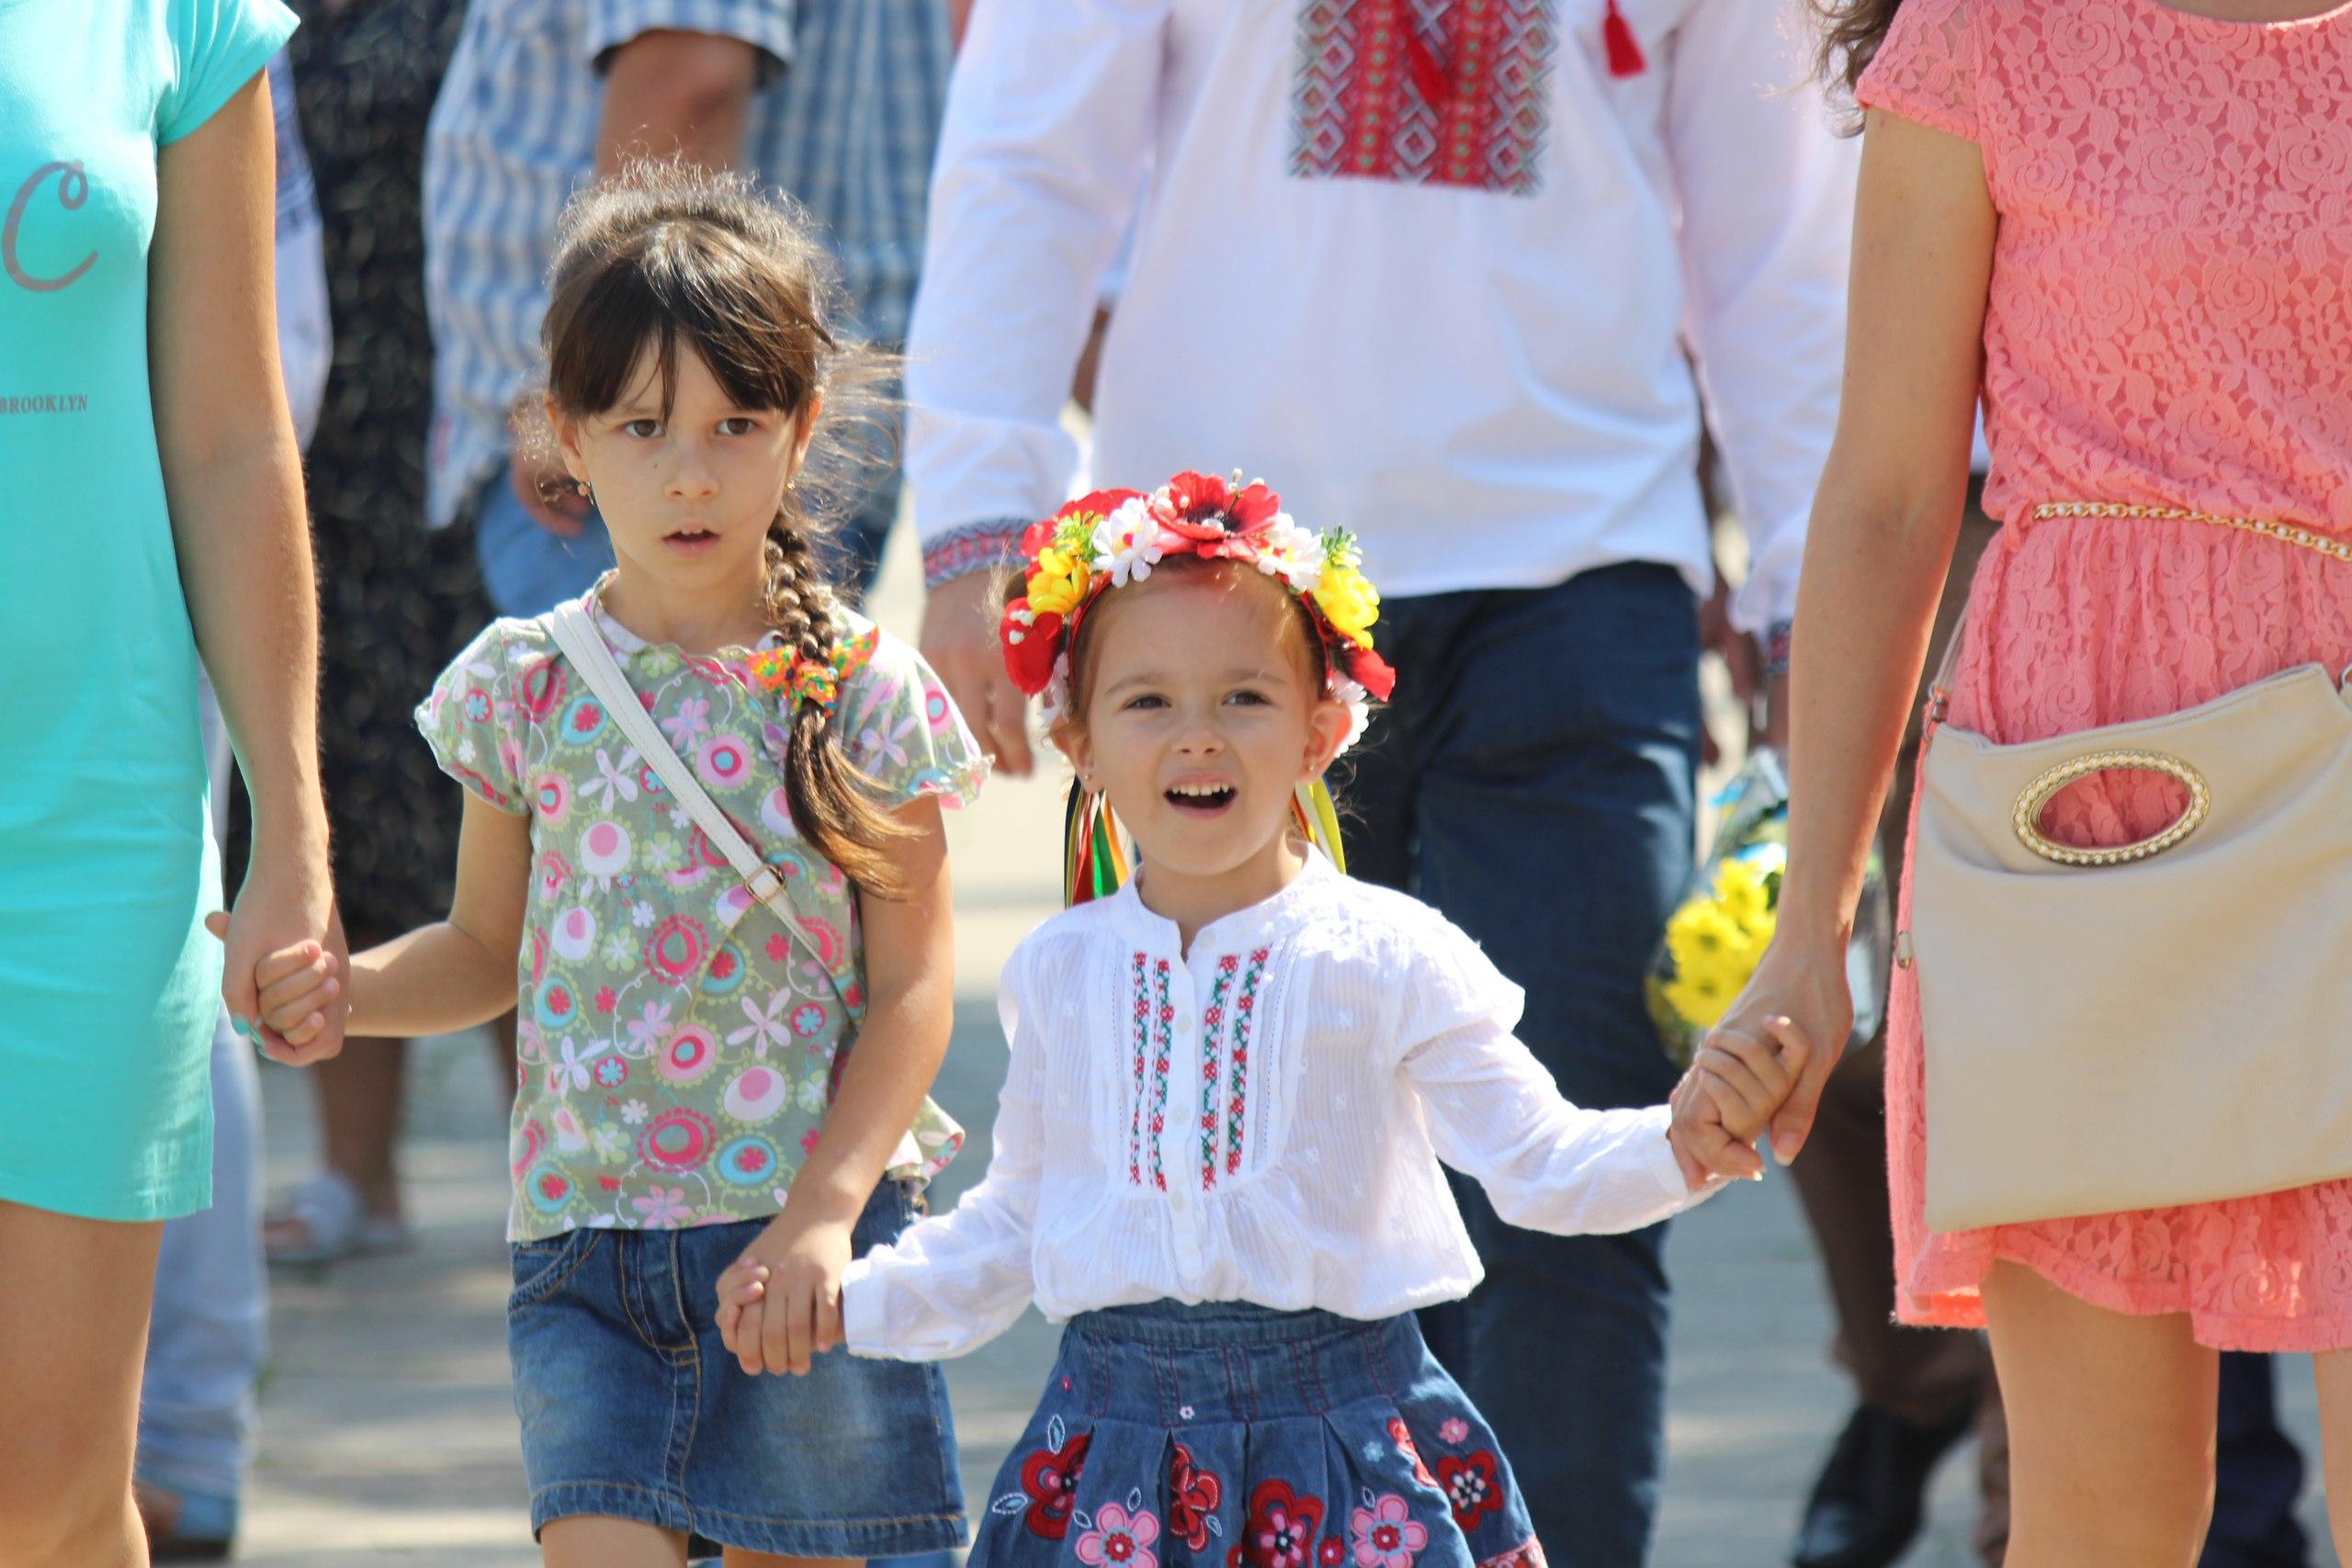 Миколаїв встановили рекорд з найбільшої кількості національної символіки на воді